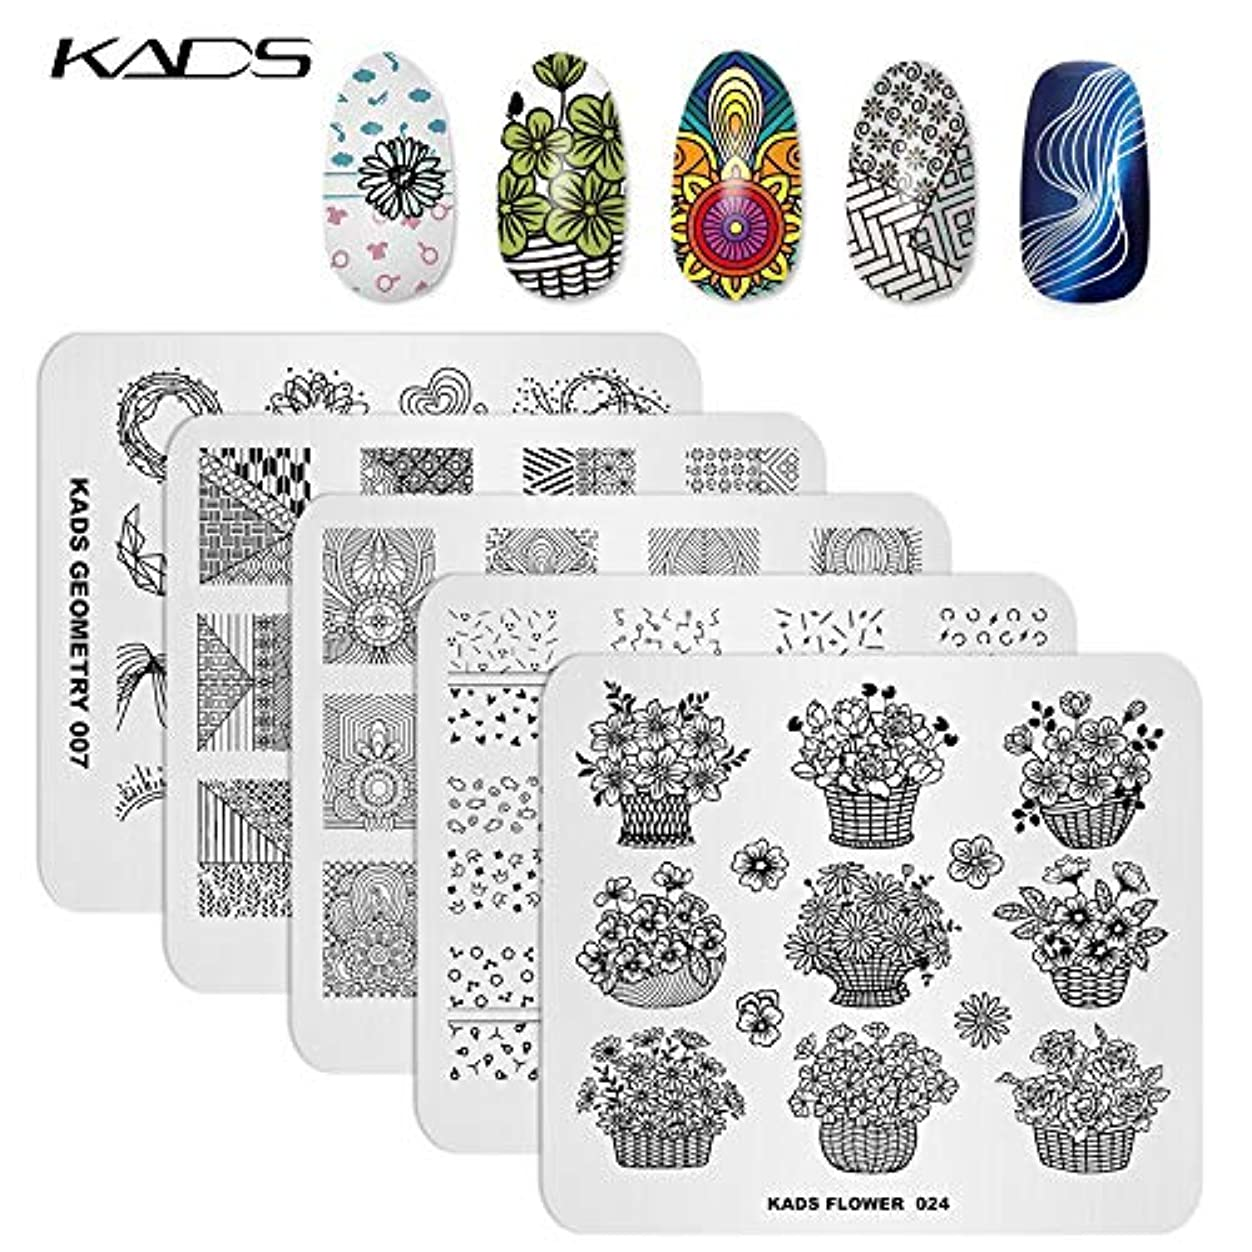 原因拍手製作KADS スタンピングプレート5枚セット 美しい花柄 ナチュラルタイプ ネイルステンシル ネイルアートツール ネイルデザイン用品 (セット3)